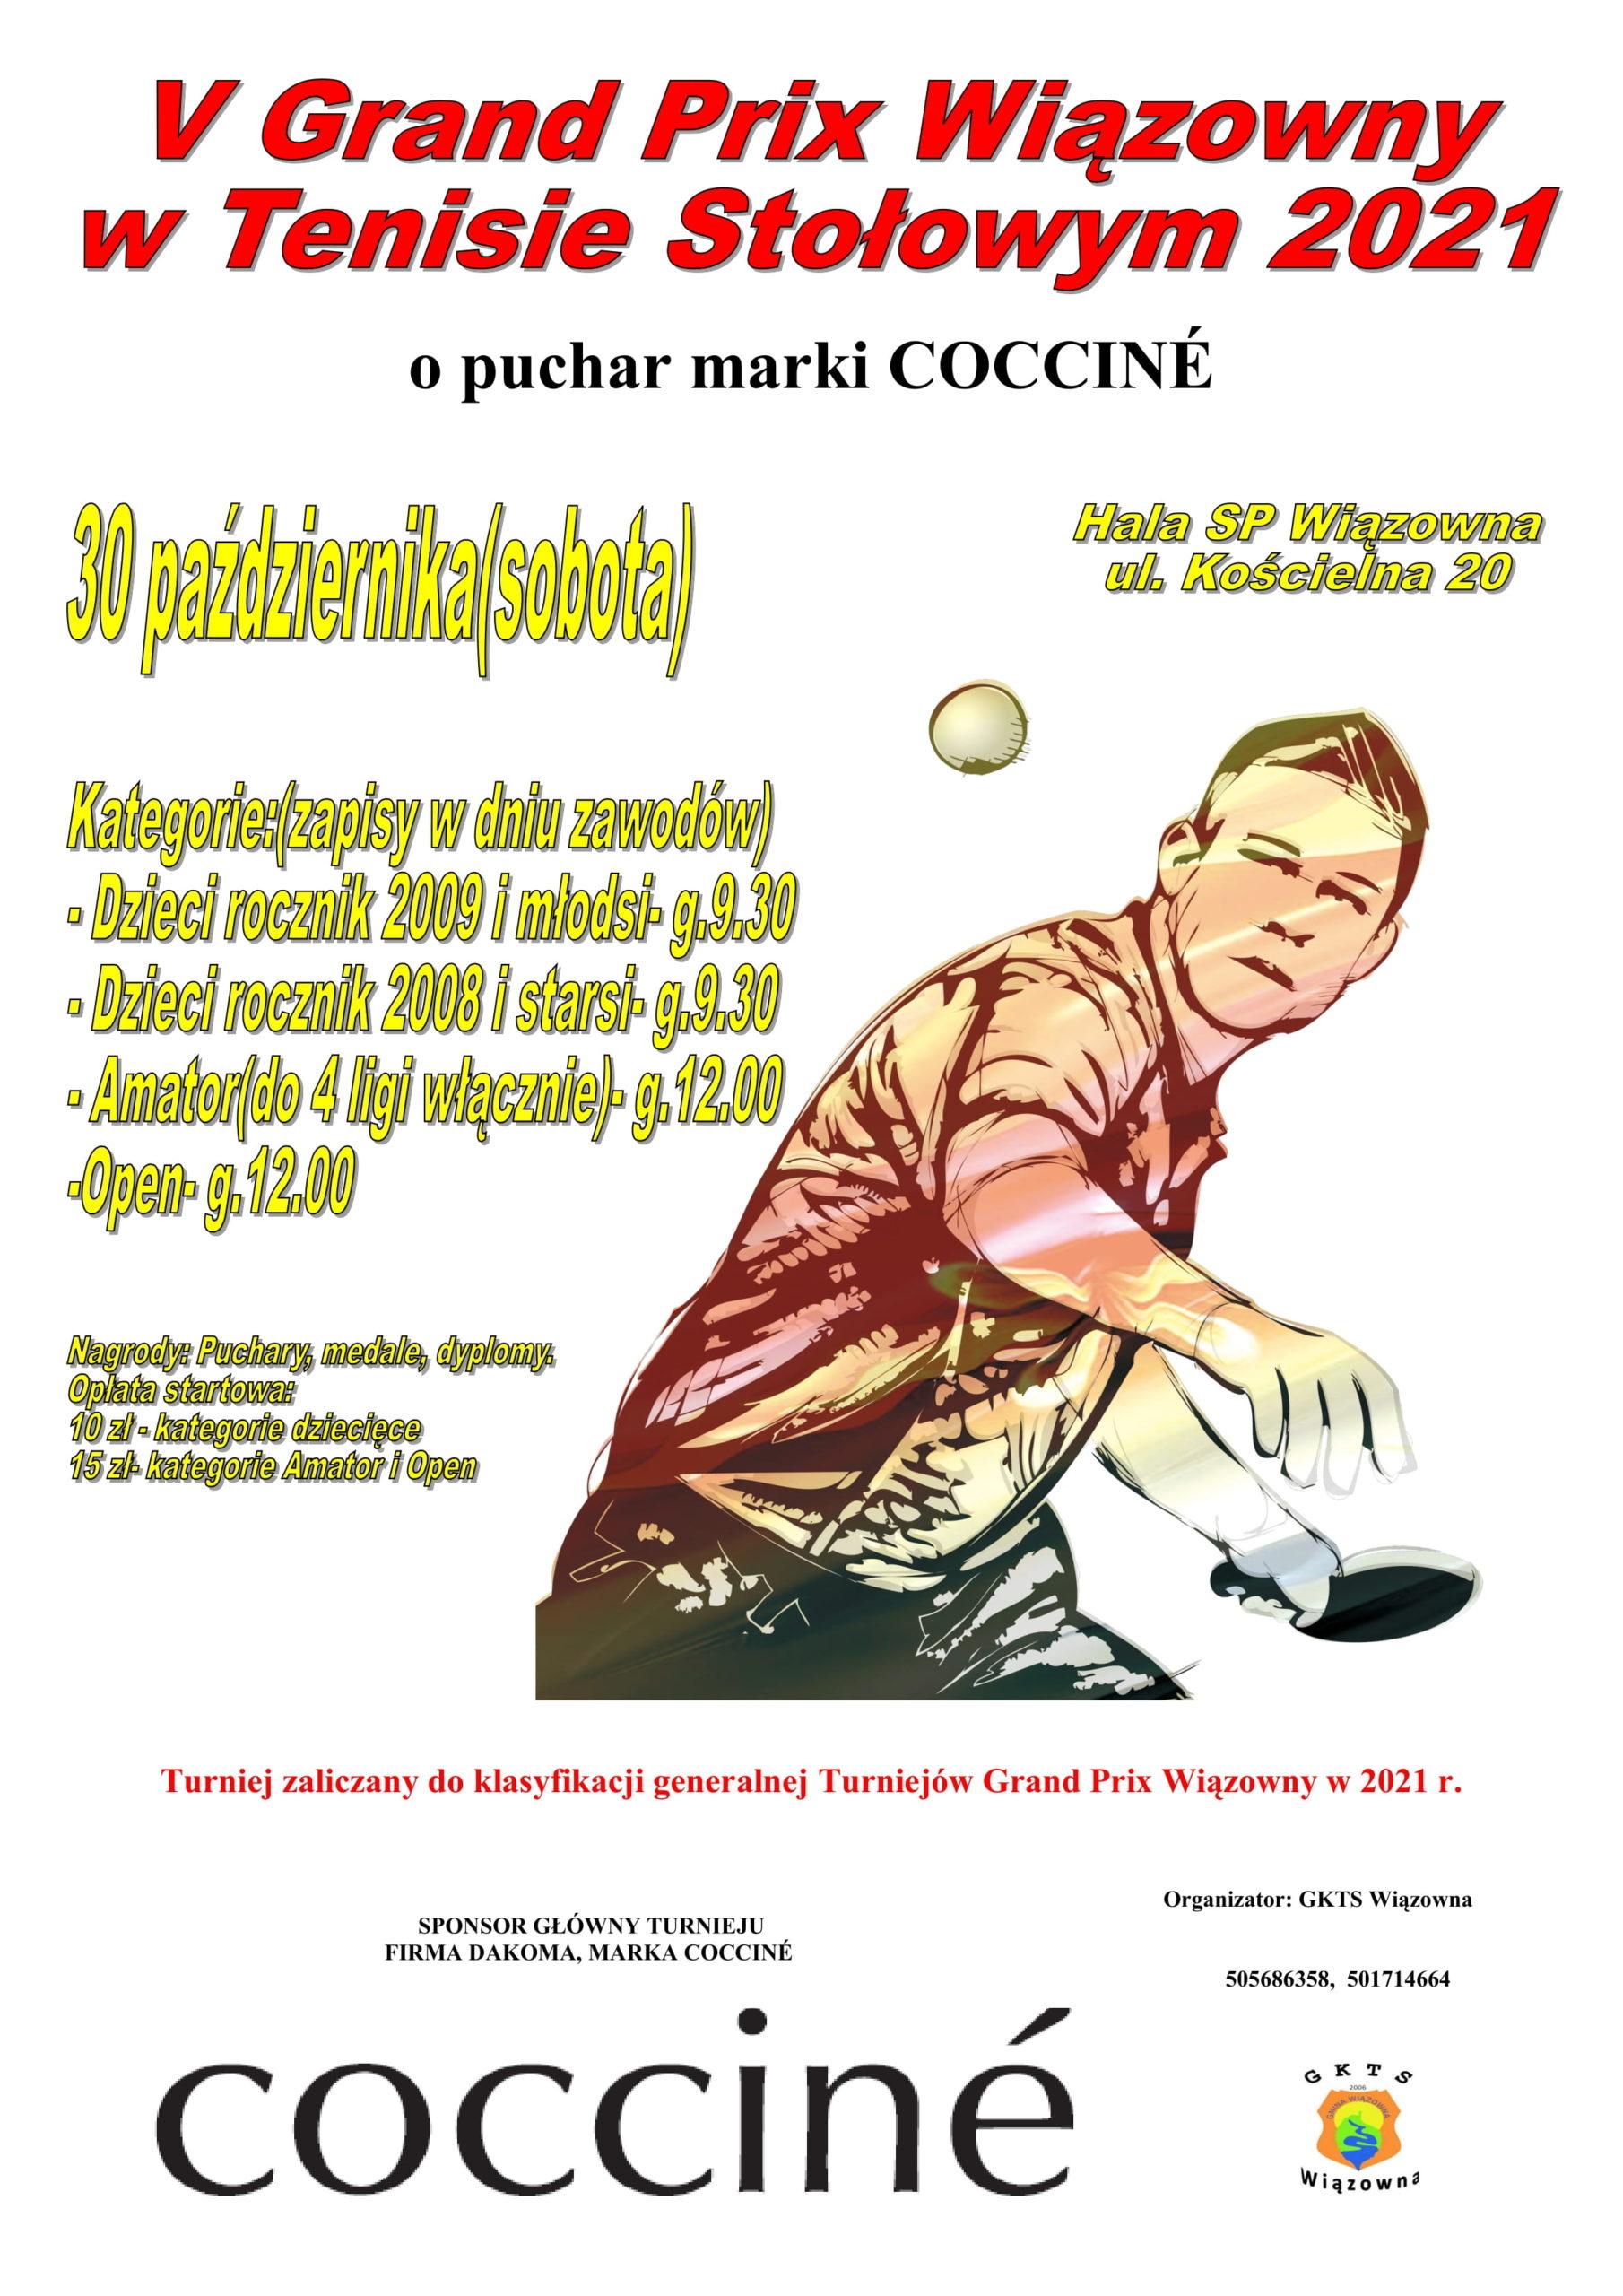 Plakat V Turnieju Grand Prix Wiązowny w Tenisie Stołowym o puchar marki Coccine 30 października w szkole w Wiązownie